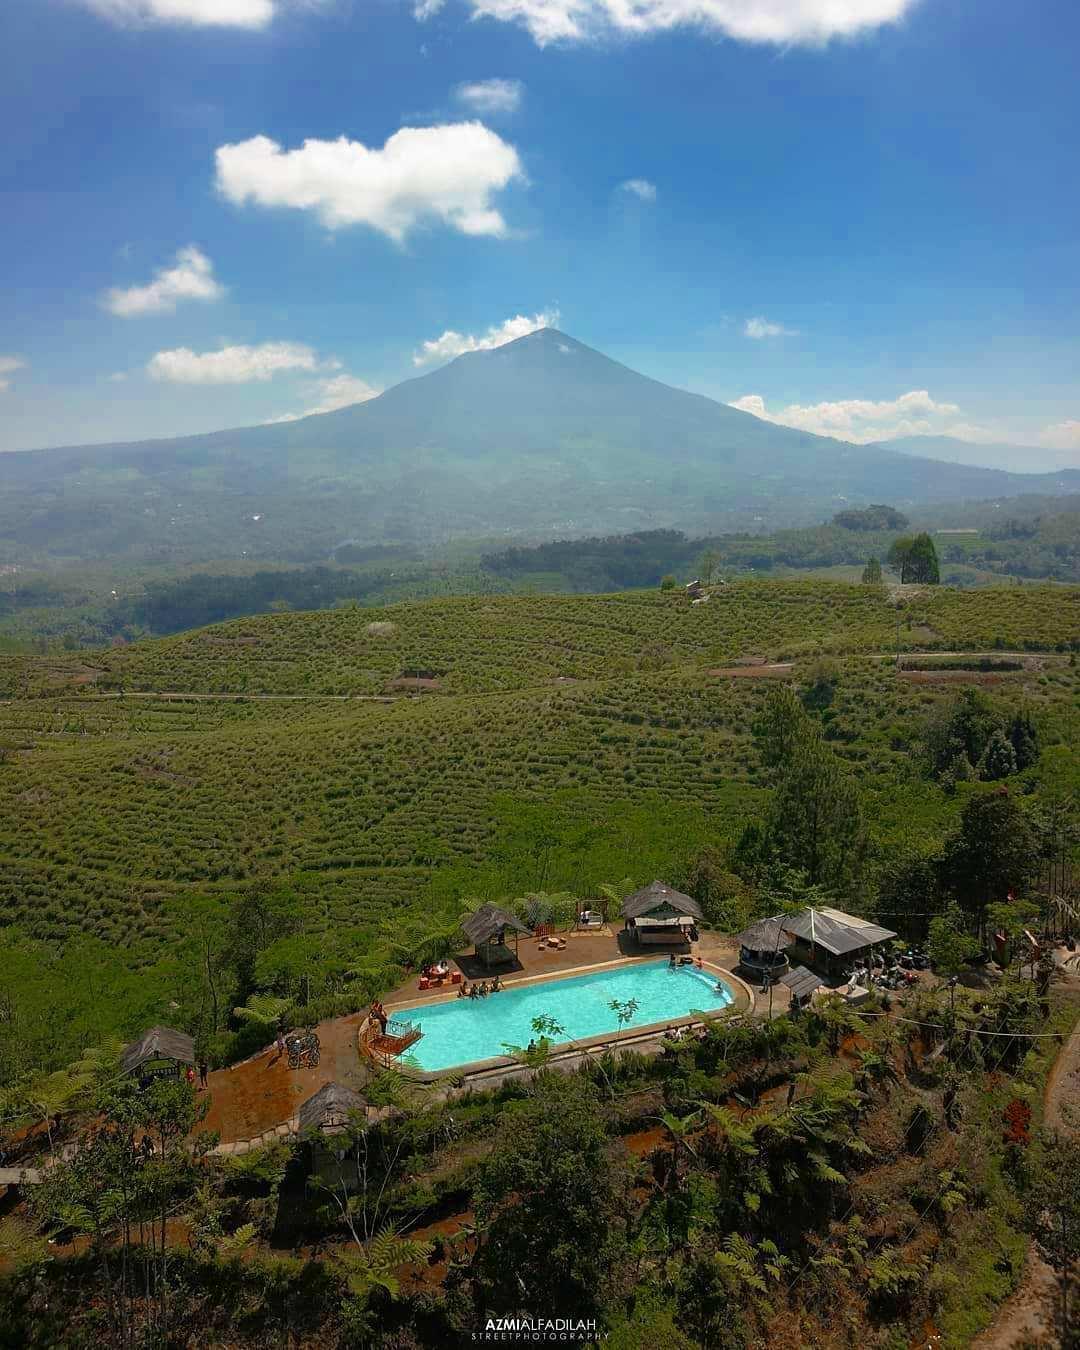 Bukit Kacapi di Lihat Dari Atas, Image From @azmialfadilah